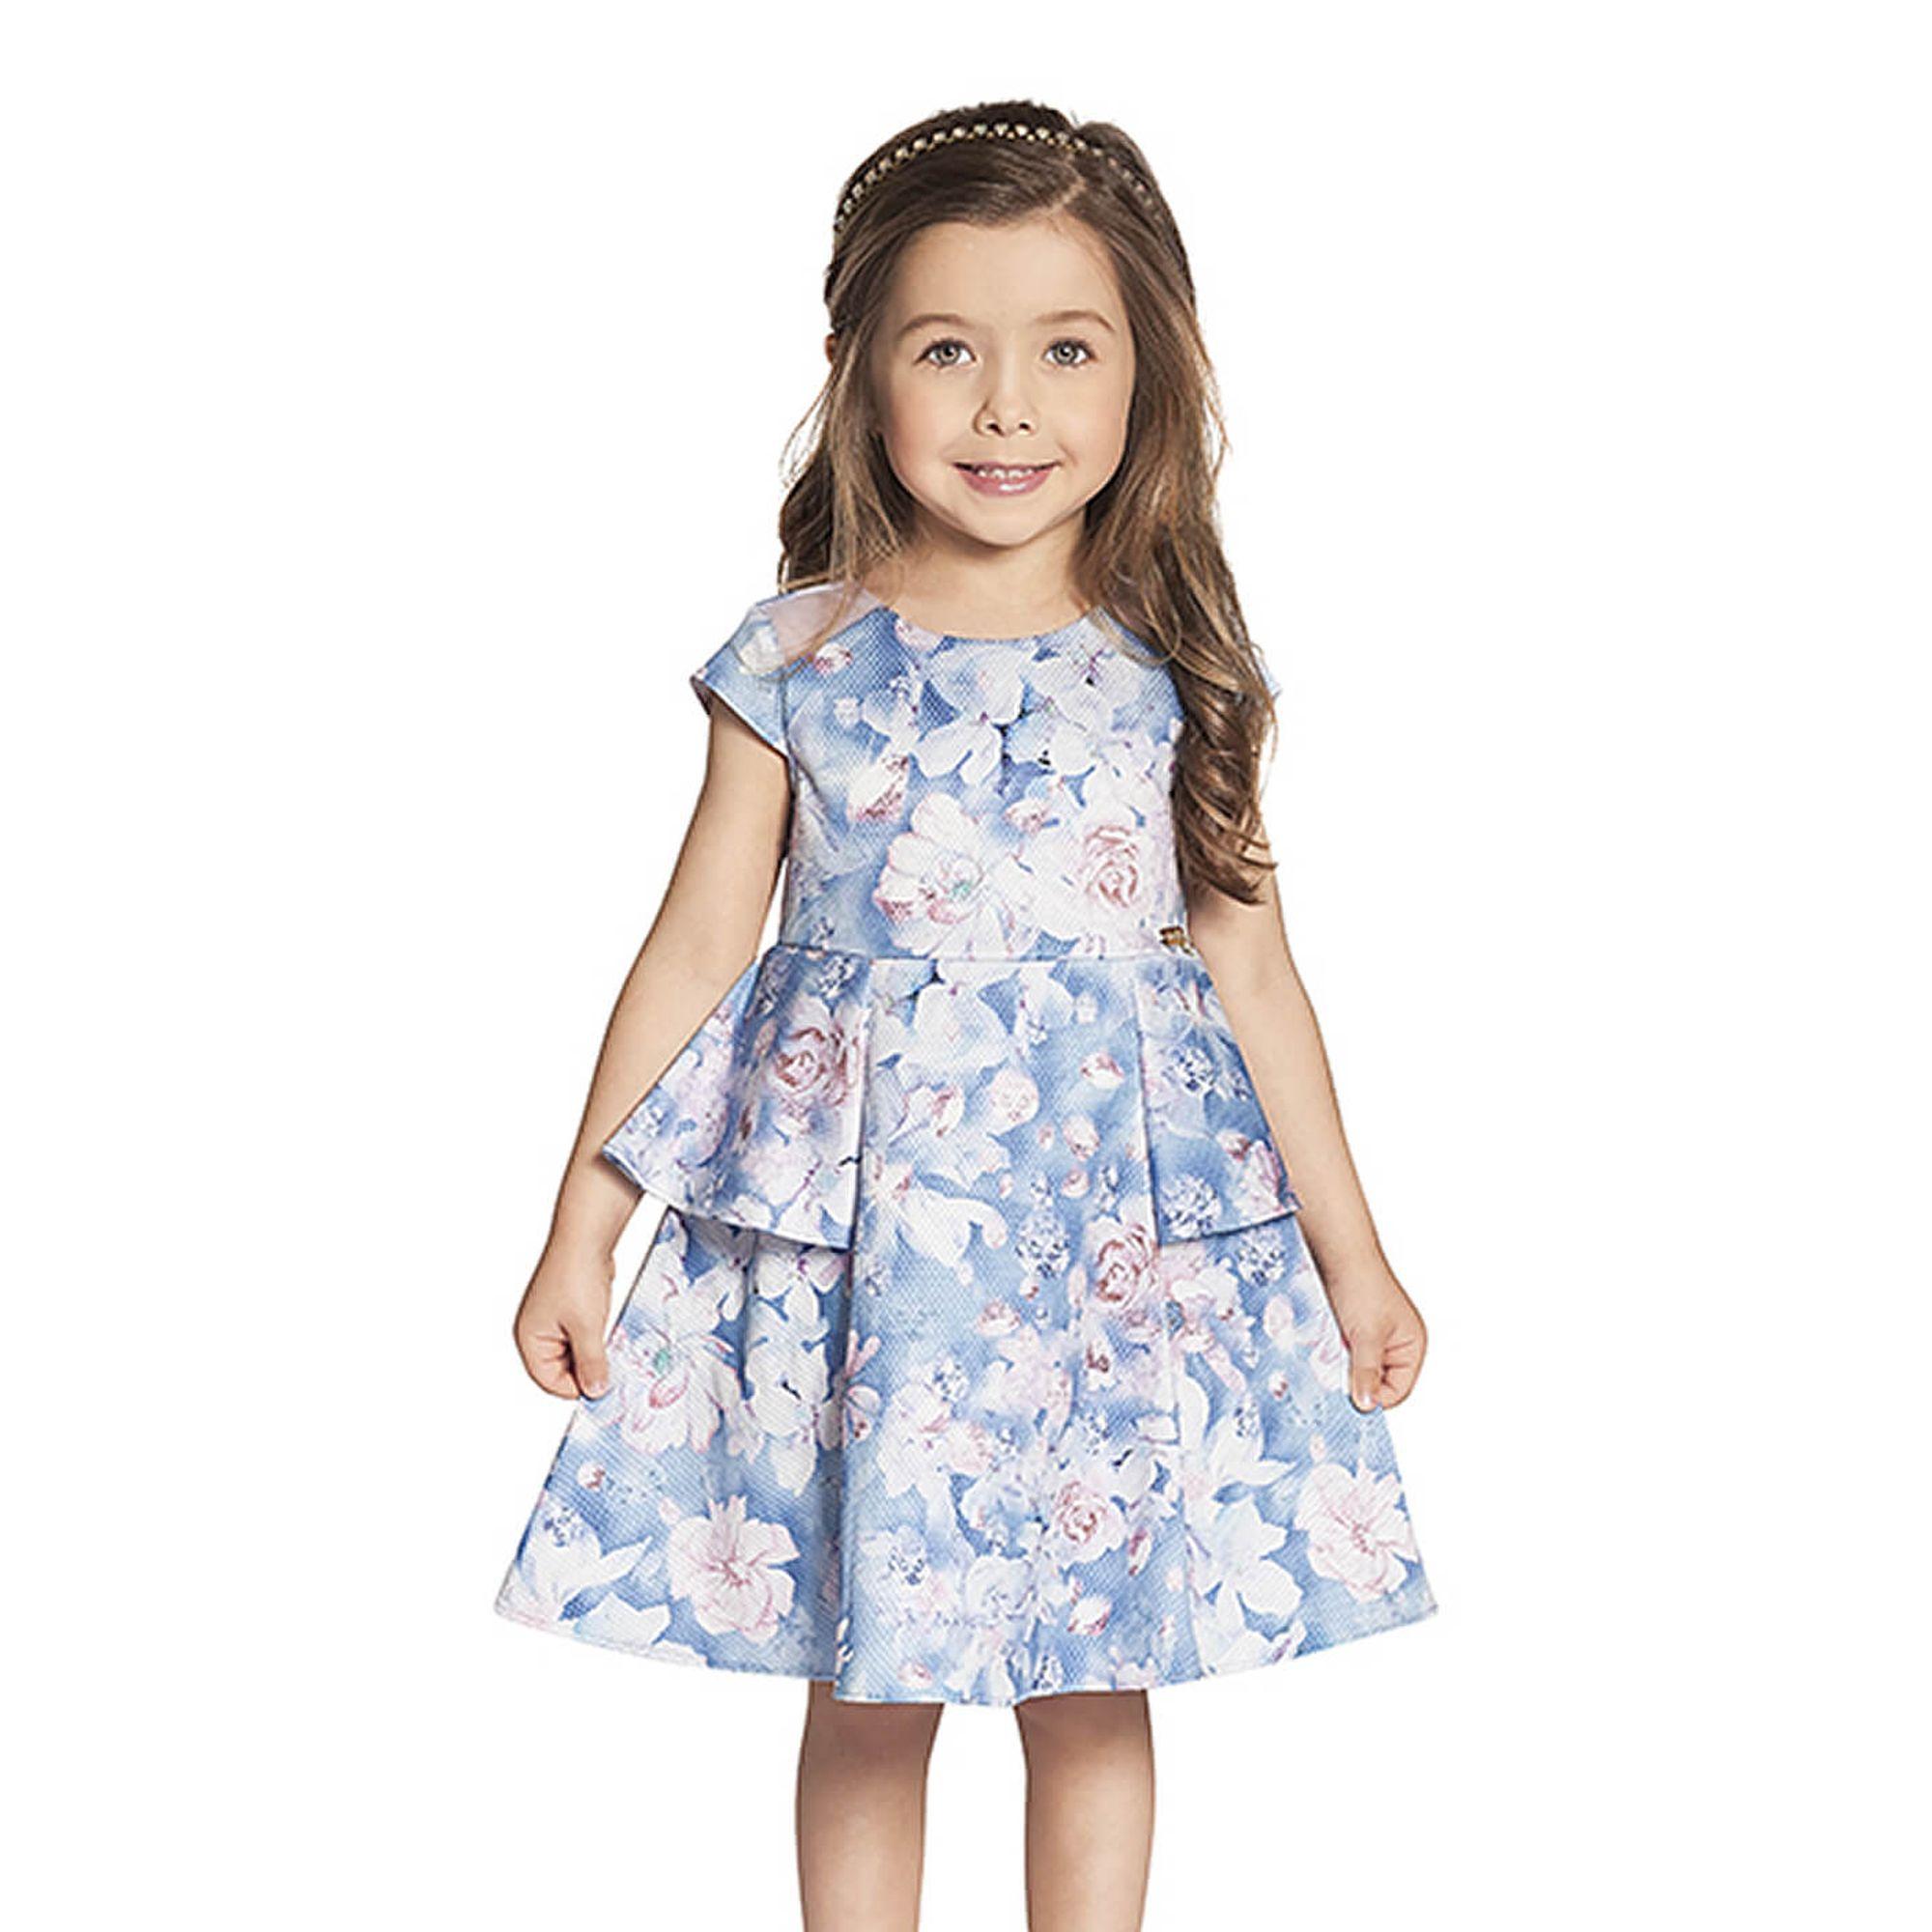 fff5a34e2cda88 Vestidos infantis lindos: Compre vestido infantil na EcaMeleca Kids